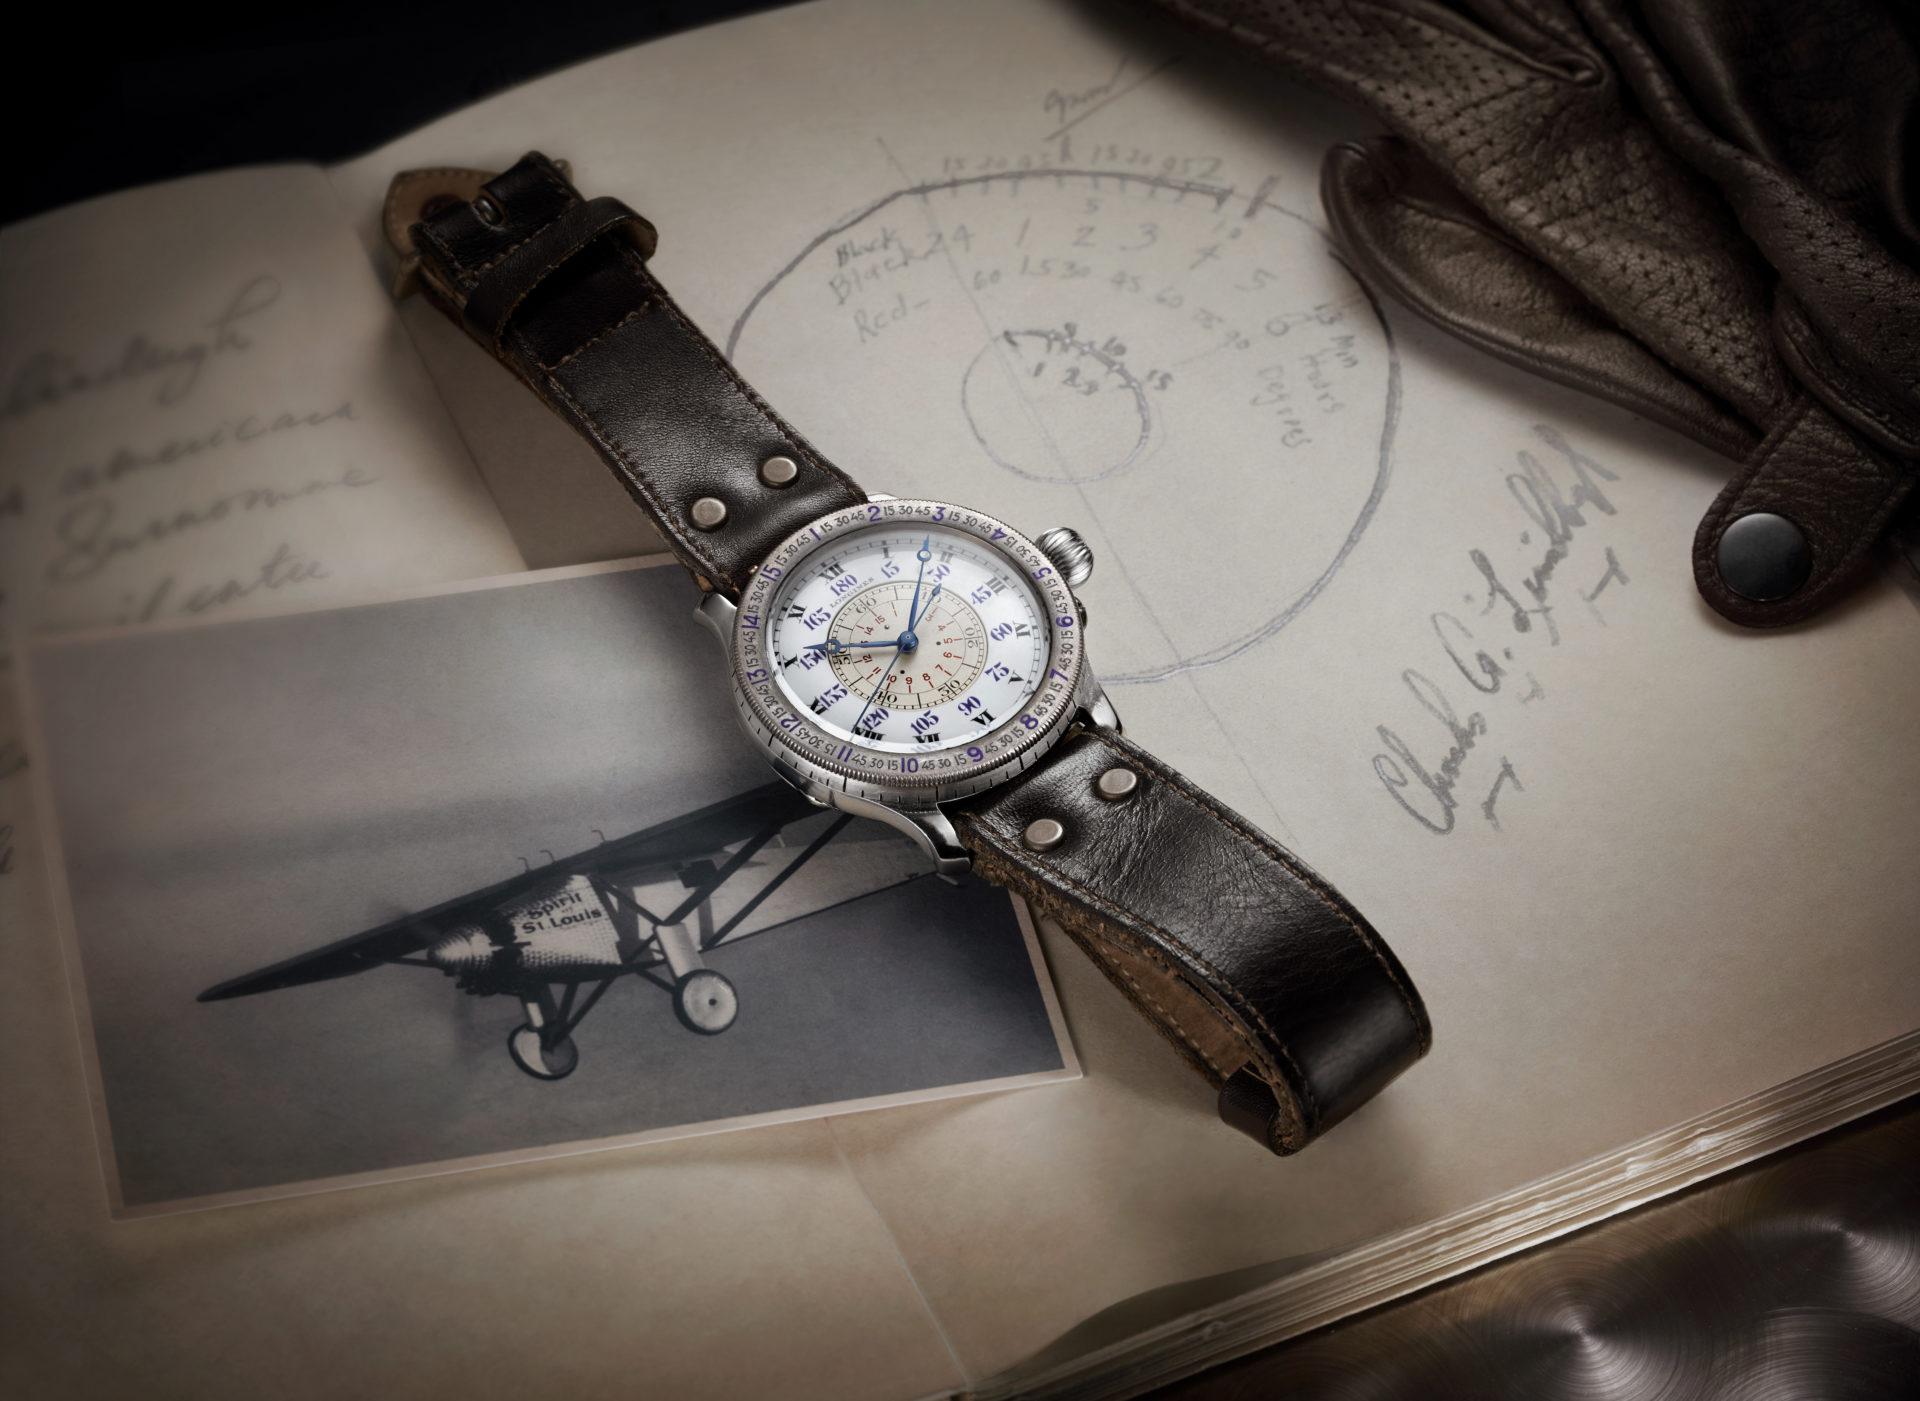 Die Pilotenuhr von Longines ist eine Hommage an Lindbergh. Zu seinen Zeiten entschieden Präzision und Zuverlässigkeit über Leben und Tod.